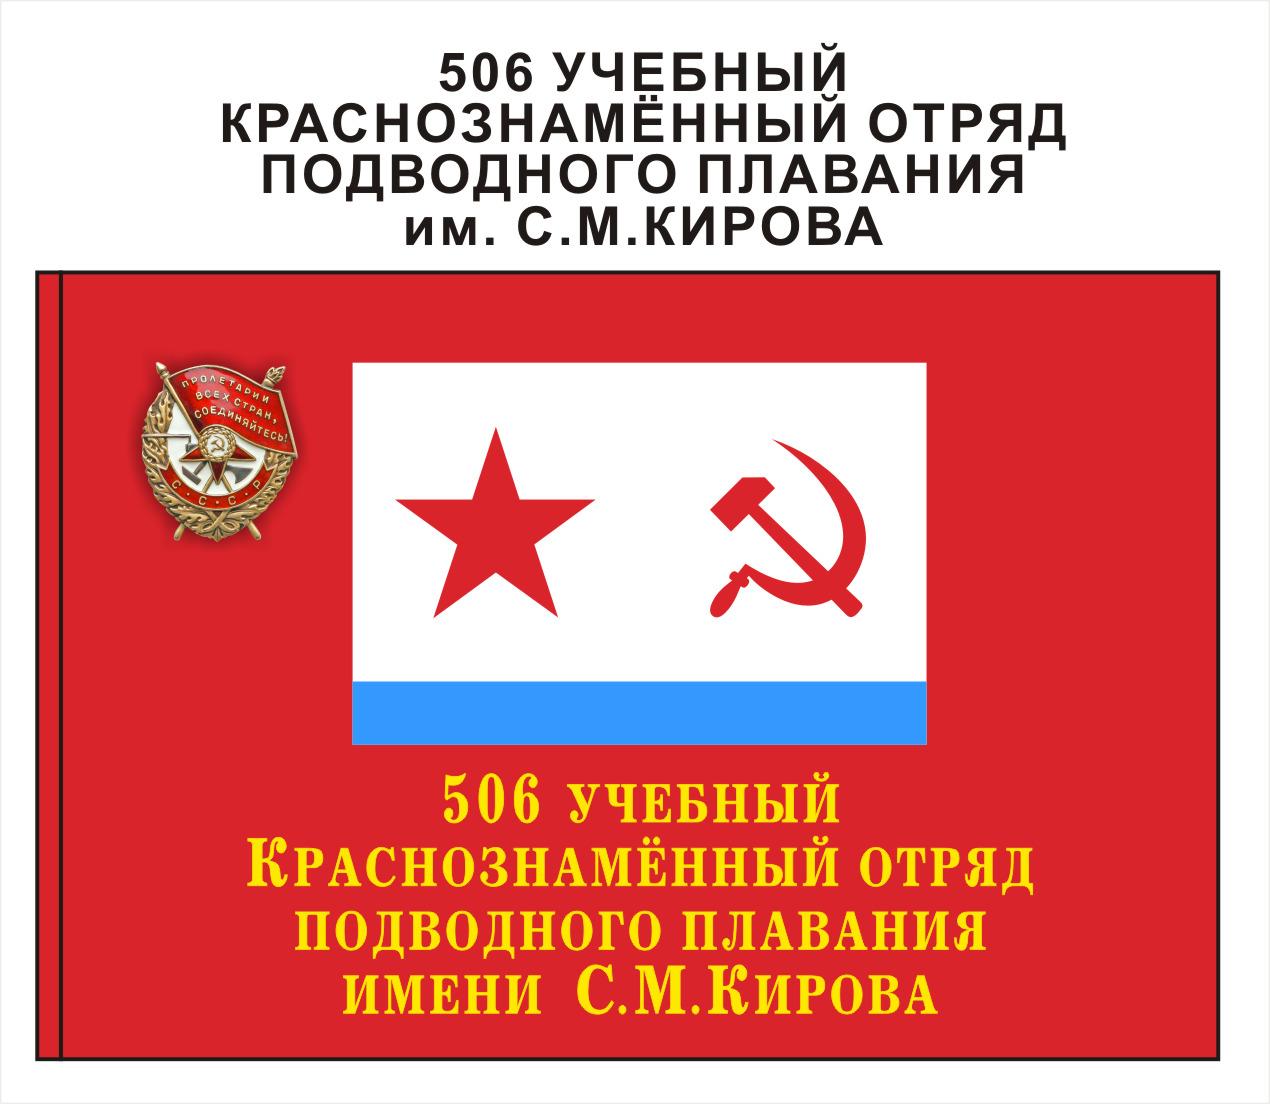 506 подводный отряд